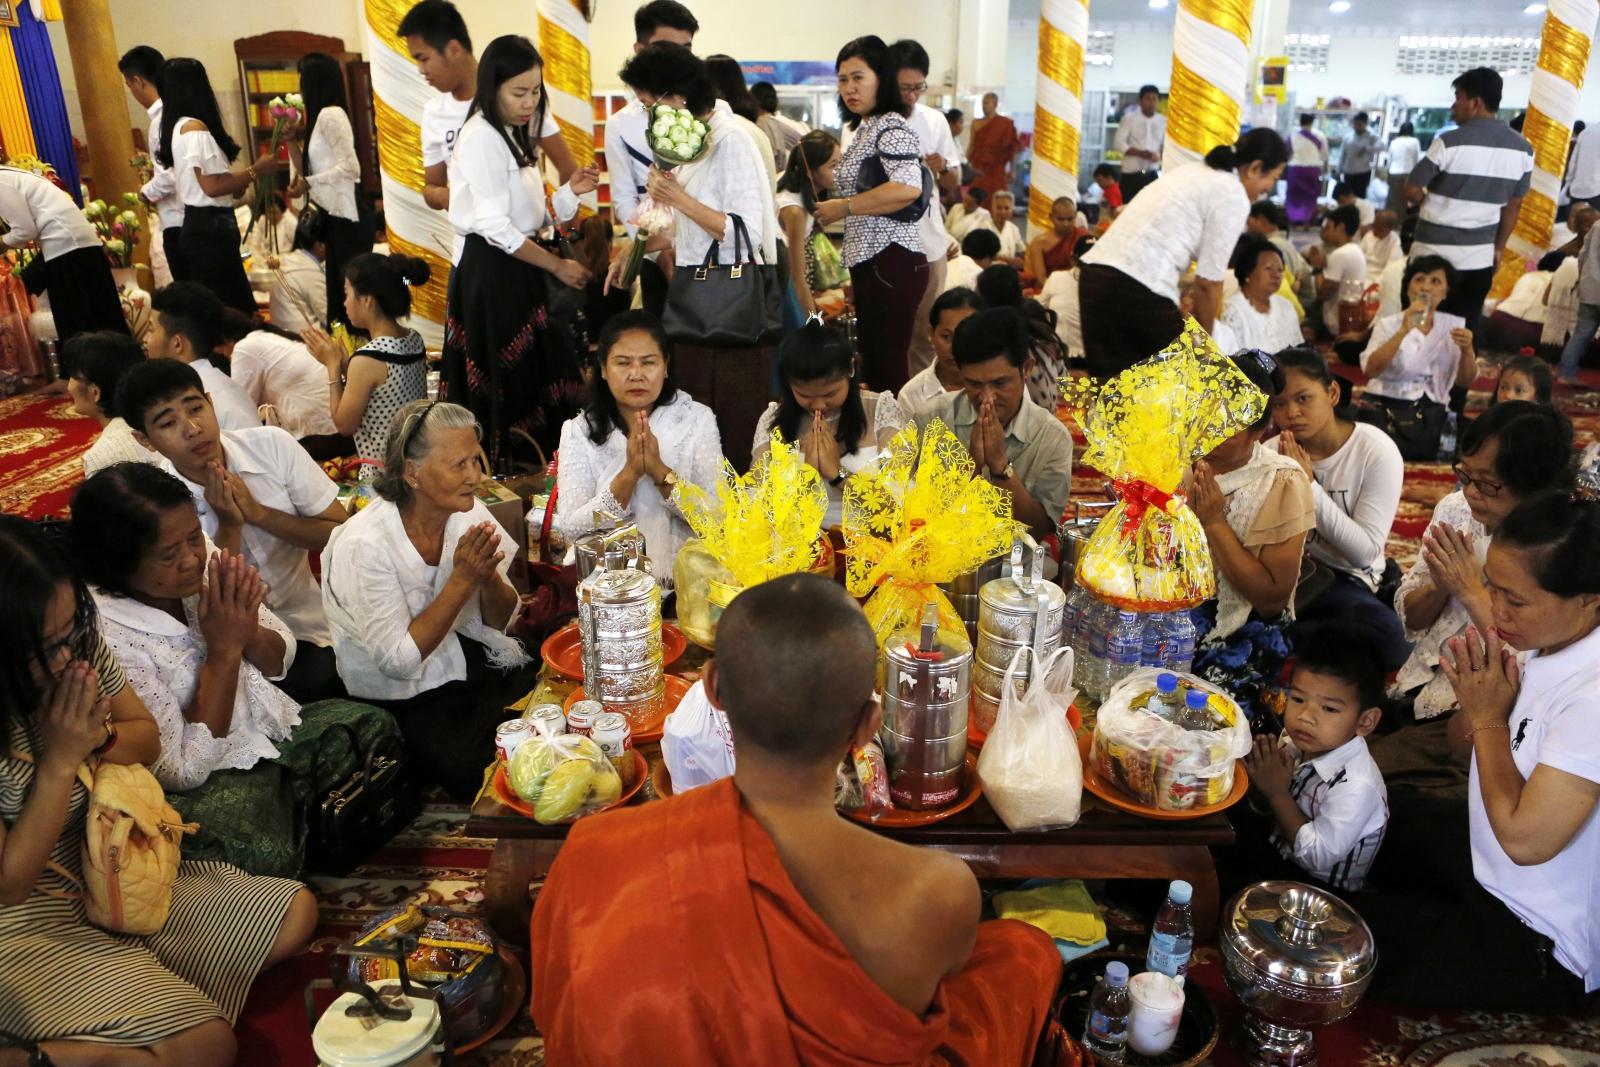 Kambodżanie modlą się za buddyjskiego mnicha podczas Khmer - Nowego Roku w pagoda w Phnom Penh w Kambodży. Fot. EPA/KITH SEREY